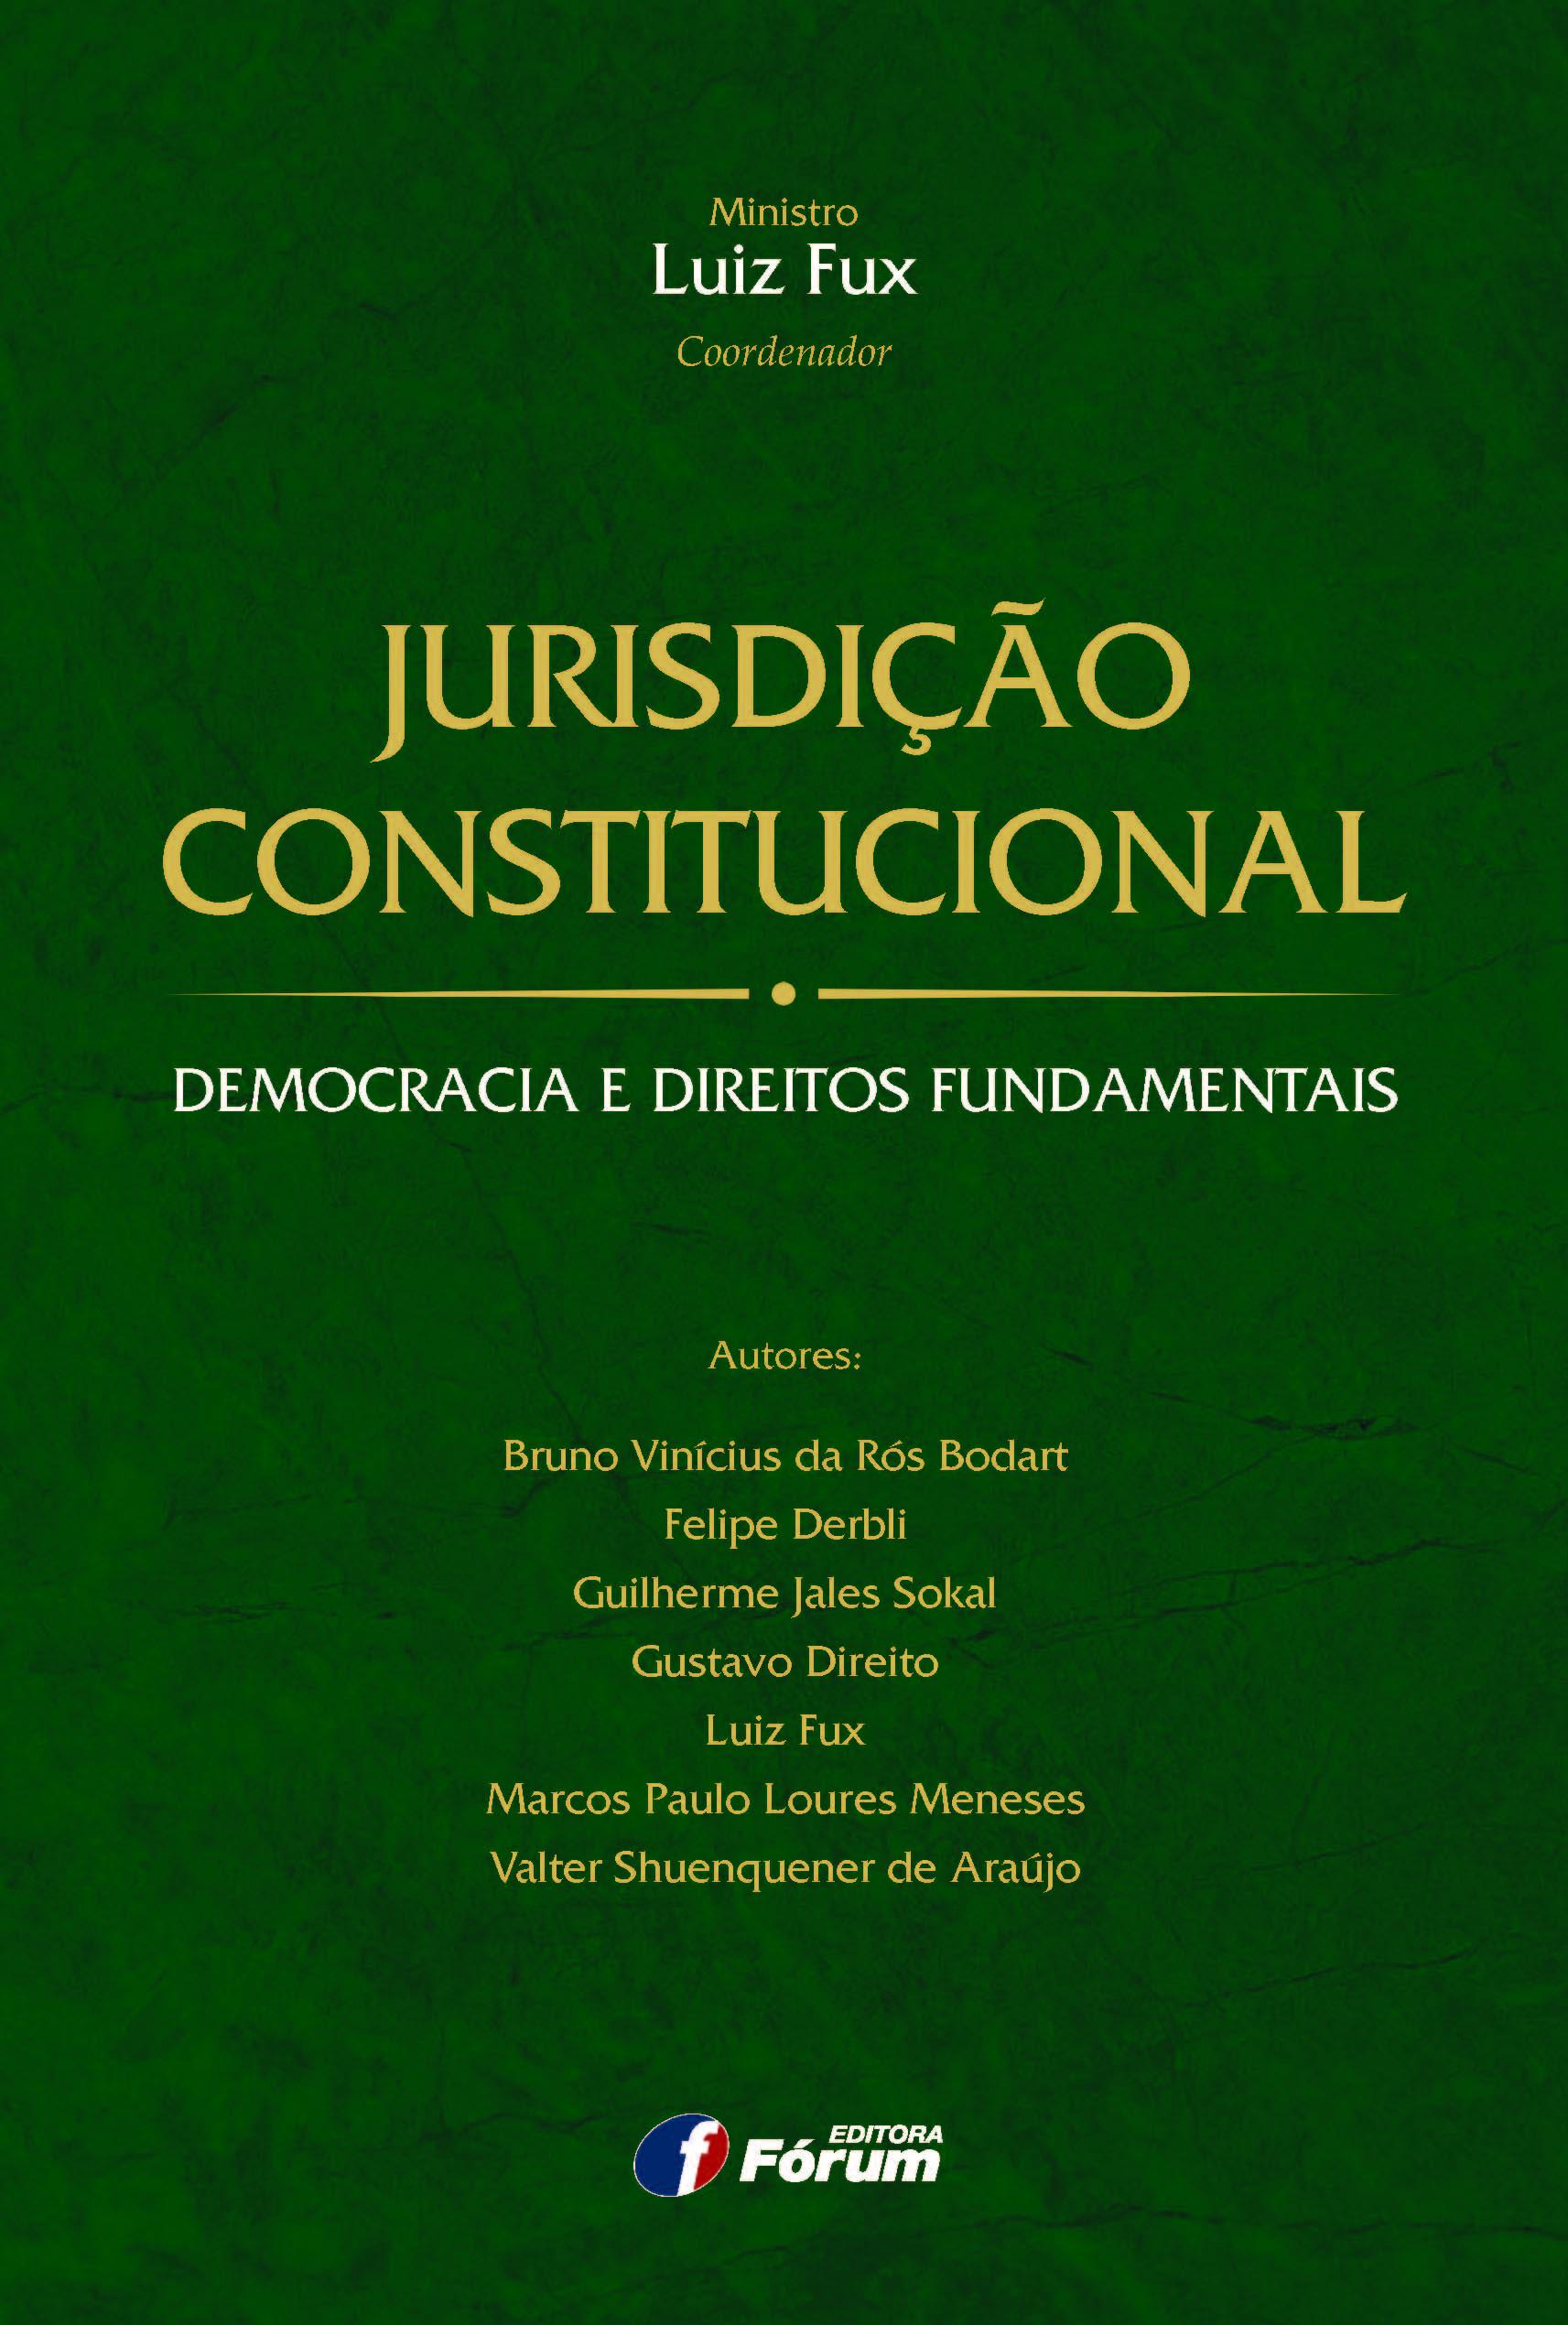 Jurisdição Constitucional Democracia e Direitos Fundamentais